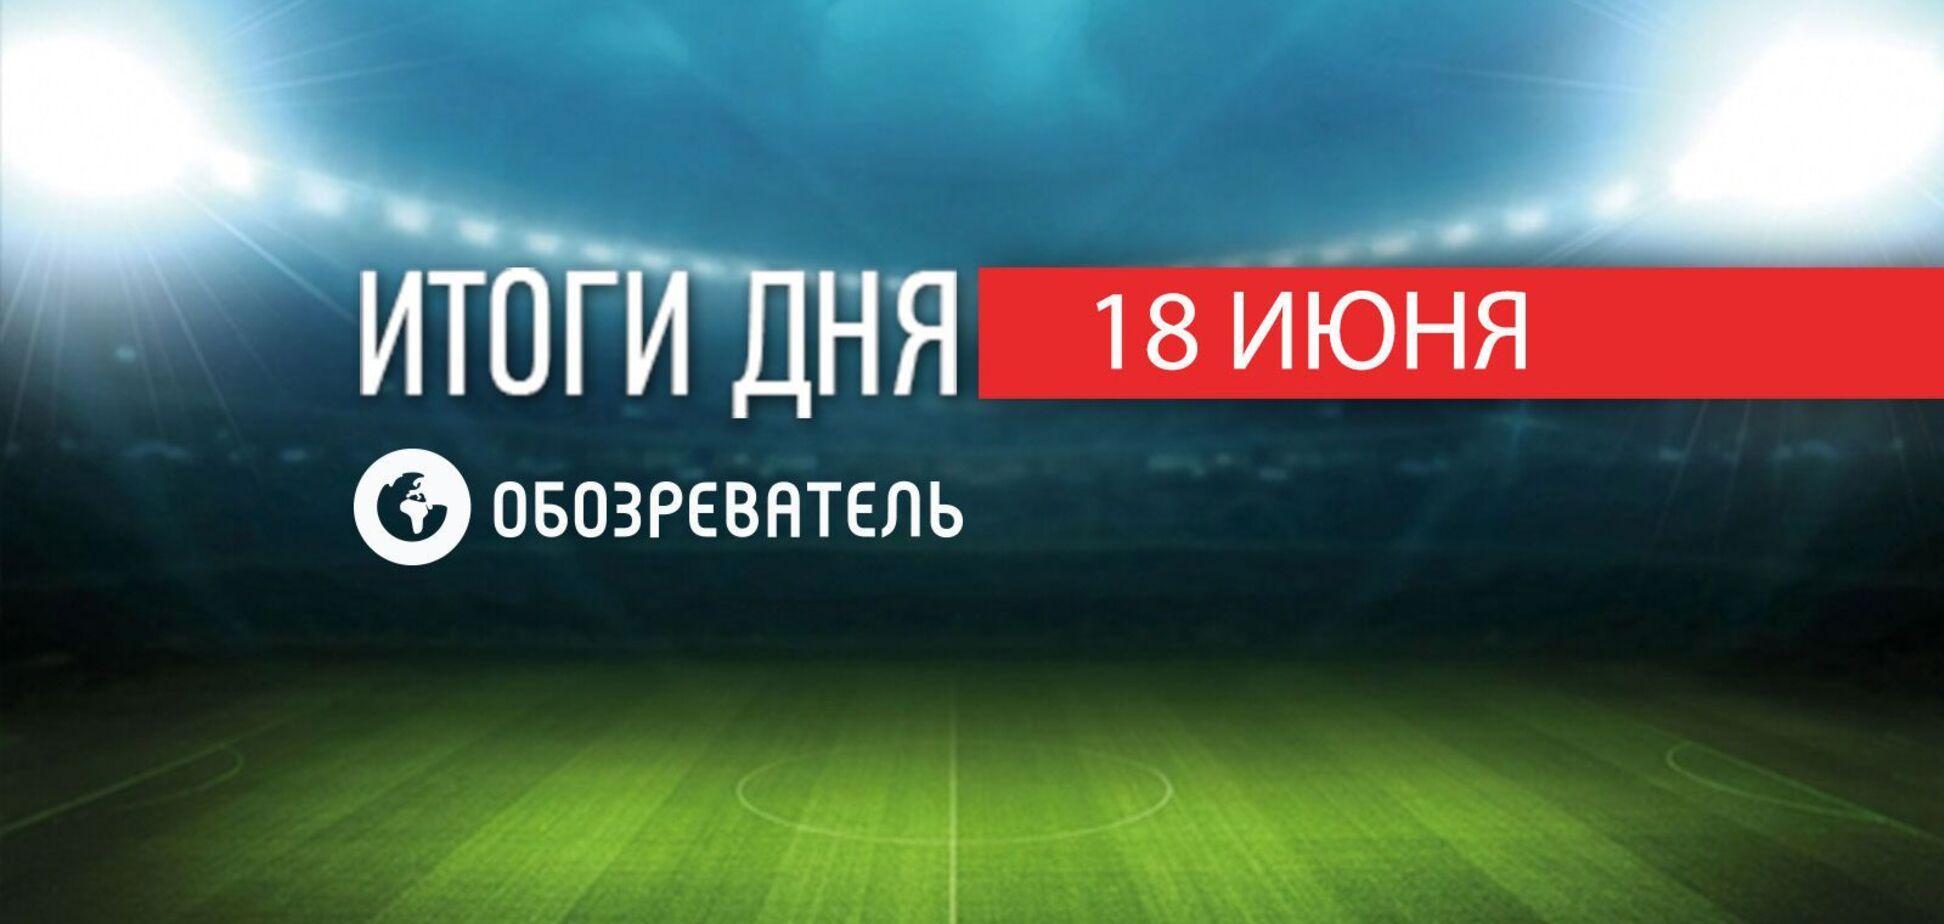 Легенда российского футбола признал силу украинцев: спортивные итоги 18 июня